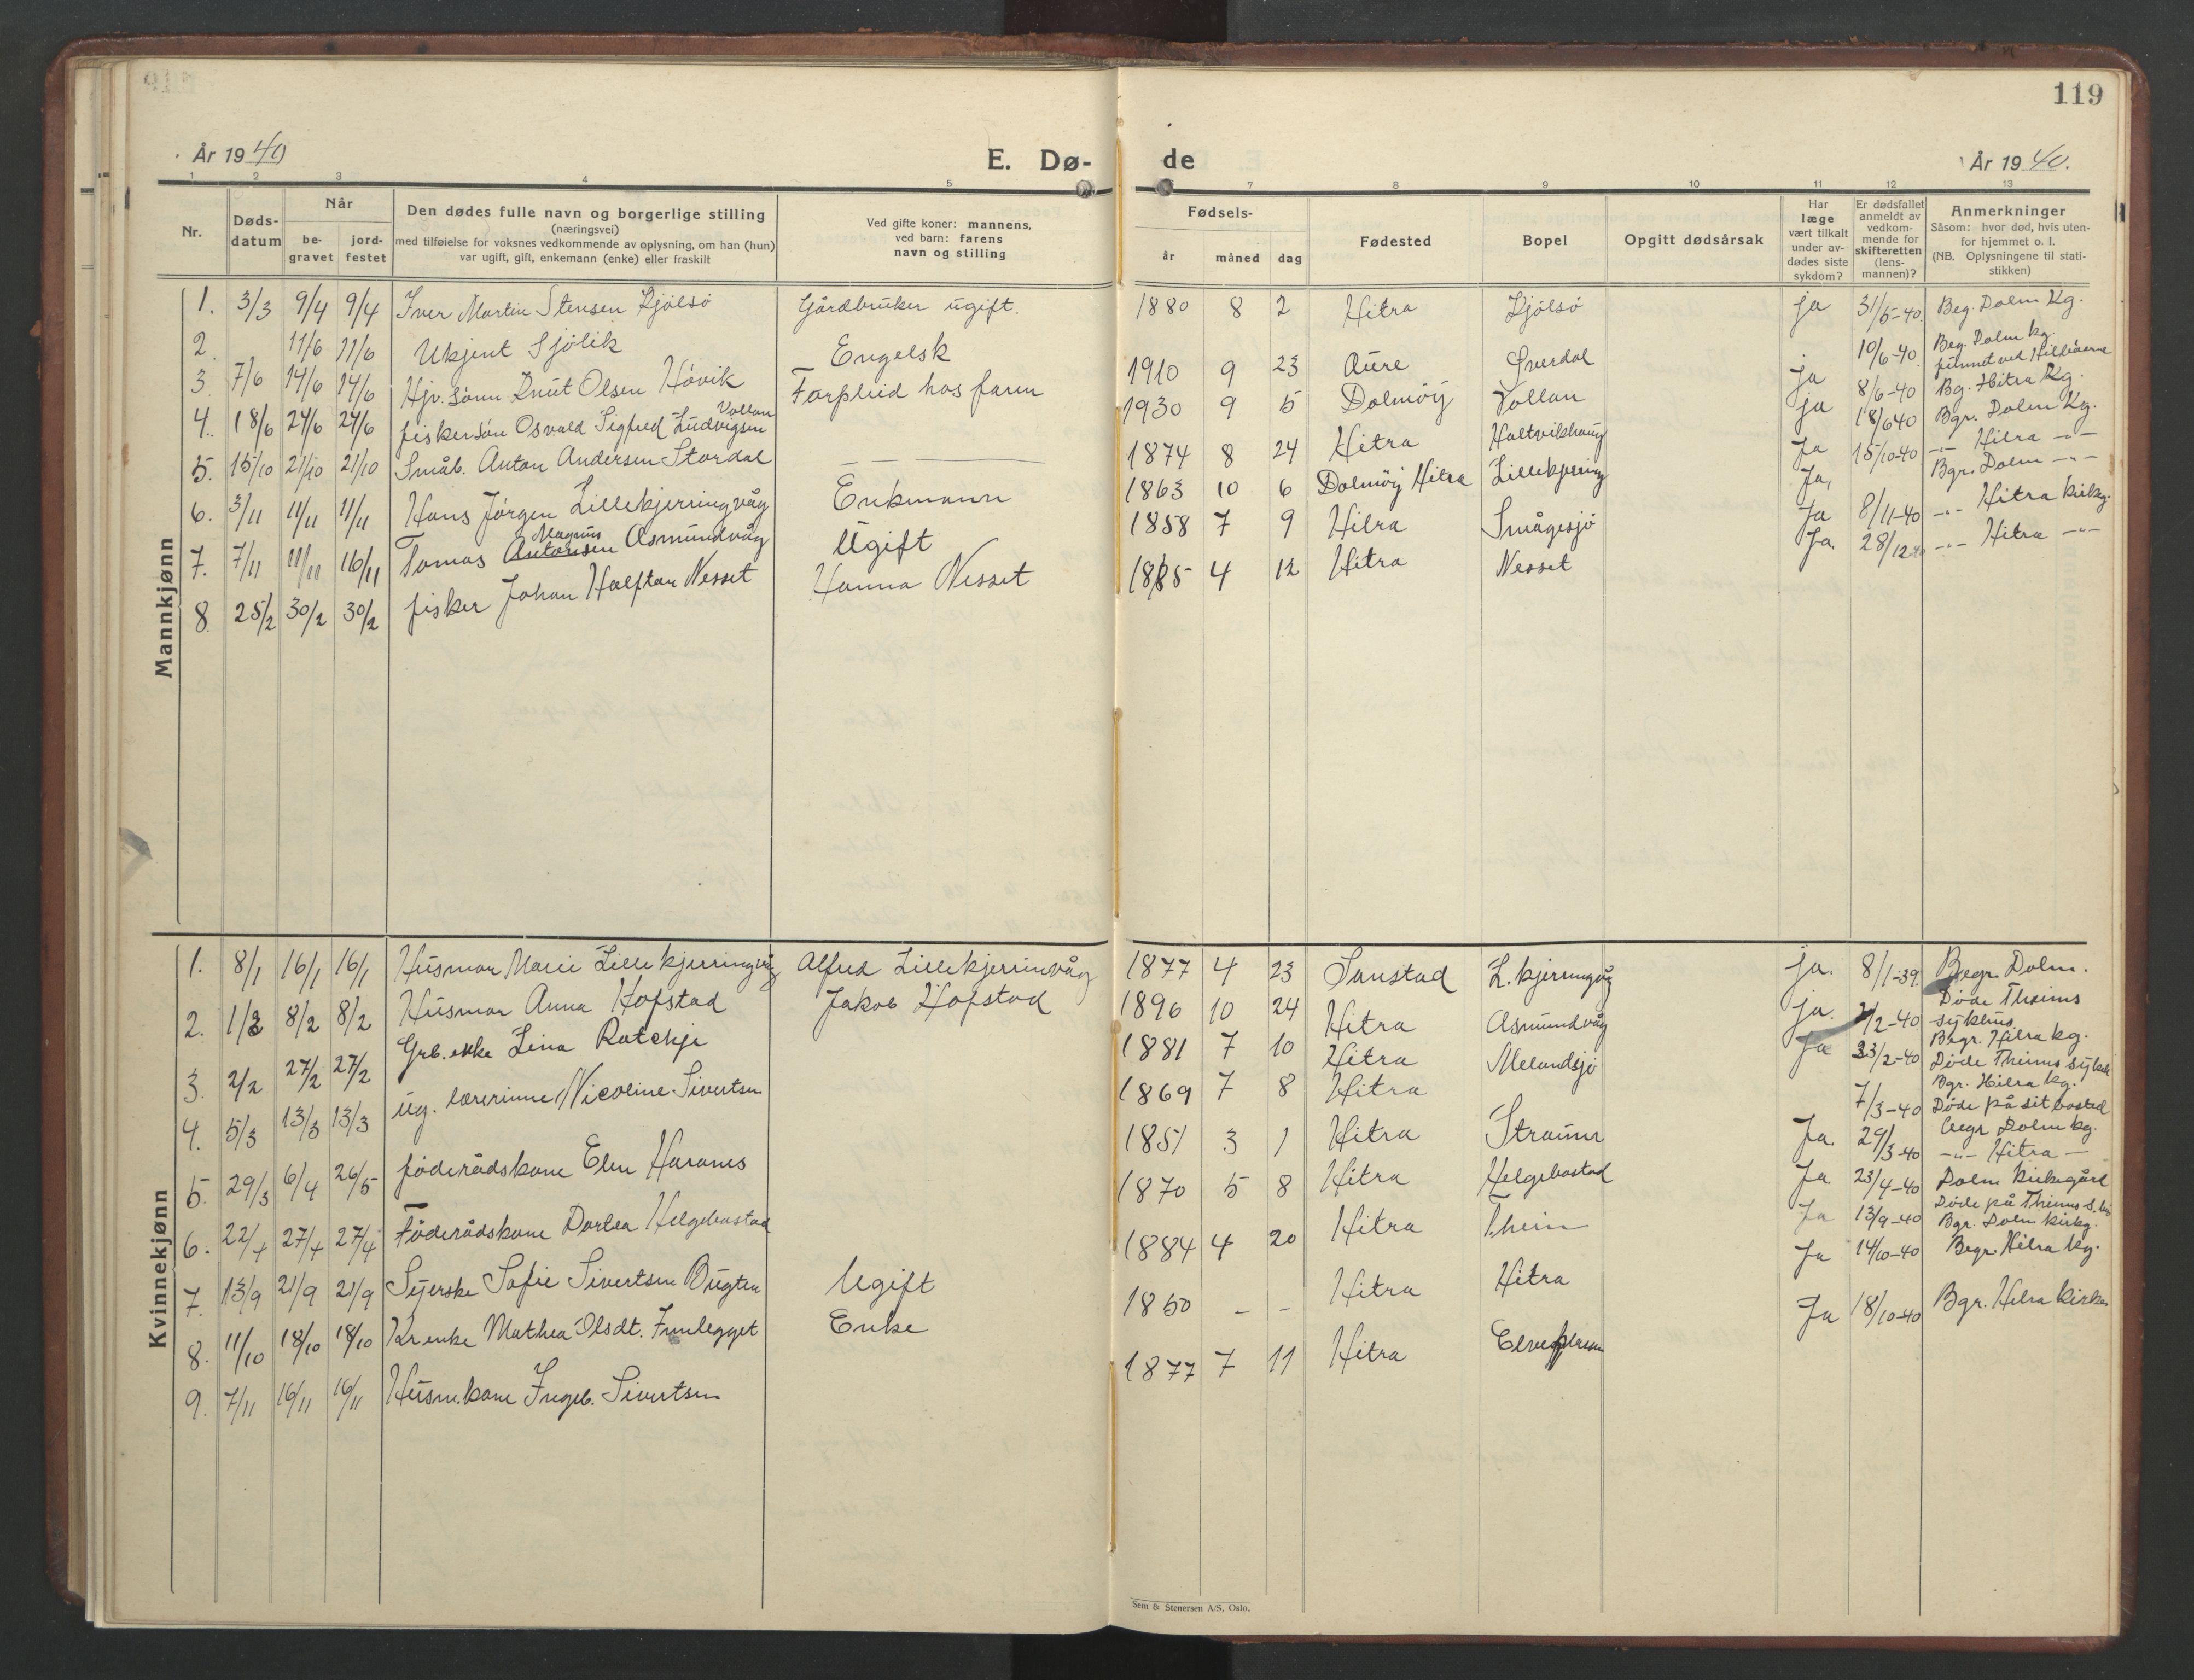 SAT, Ministerialprotokoller, klokkerbøker og fødselsregistre - Sør-Trøndelag, 634/L0544: Klokkerbok nr. 634C06, 1927-1948, s. 119